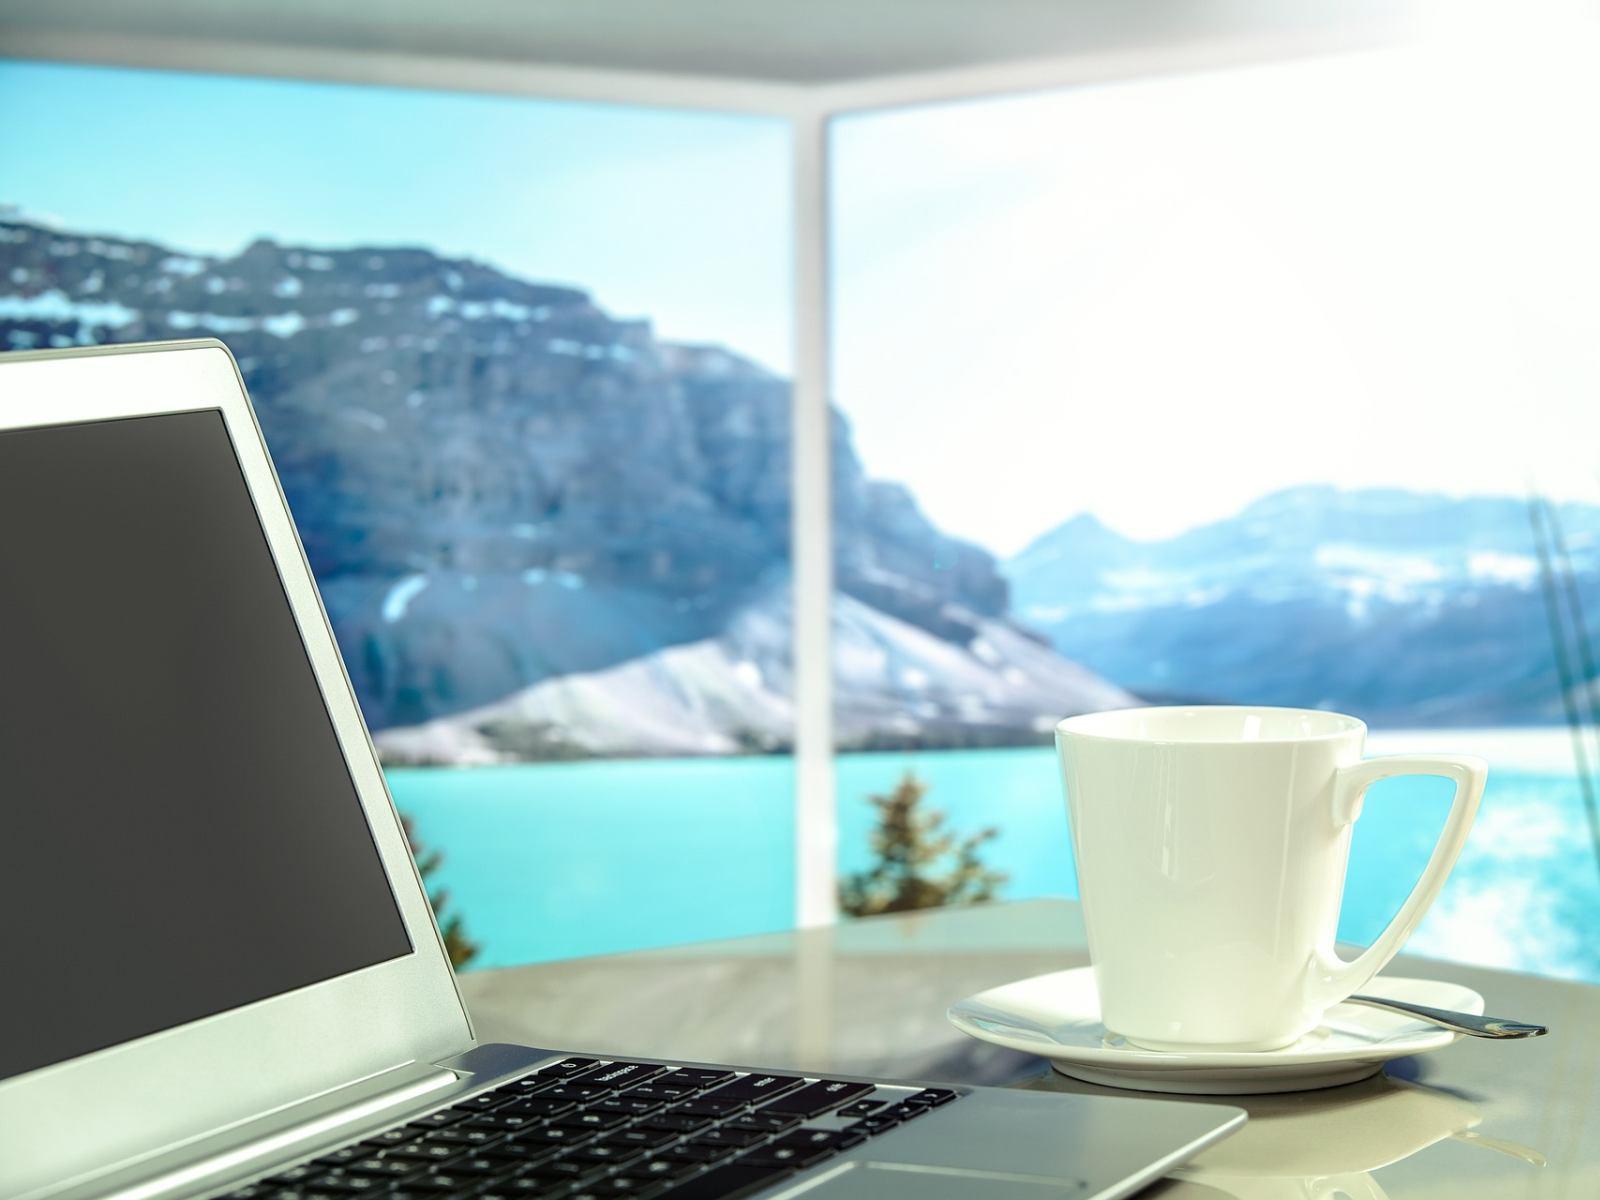 Internet im Ausland nutzen: Ein Laptop vor einem Berg-Panorama